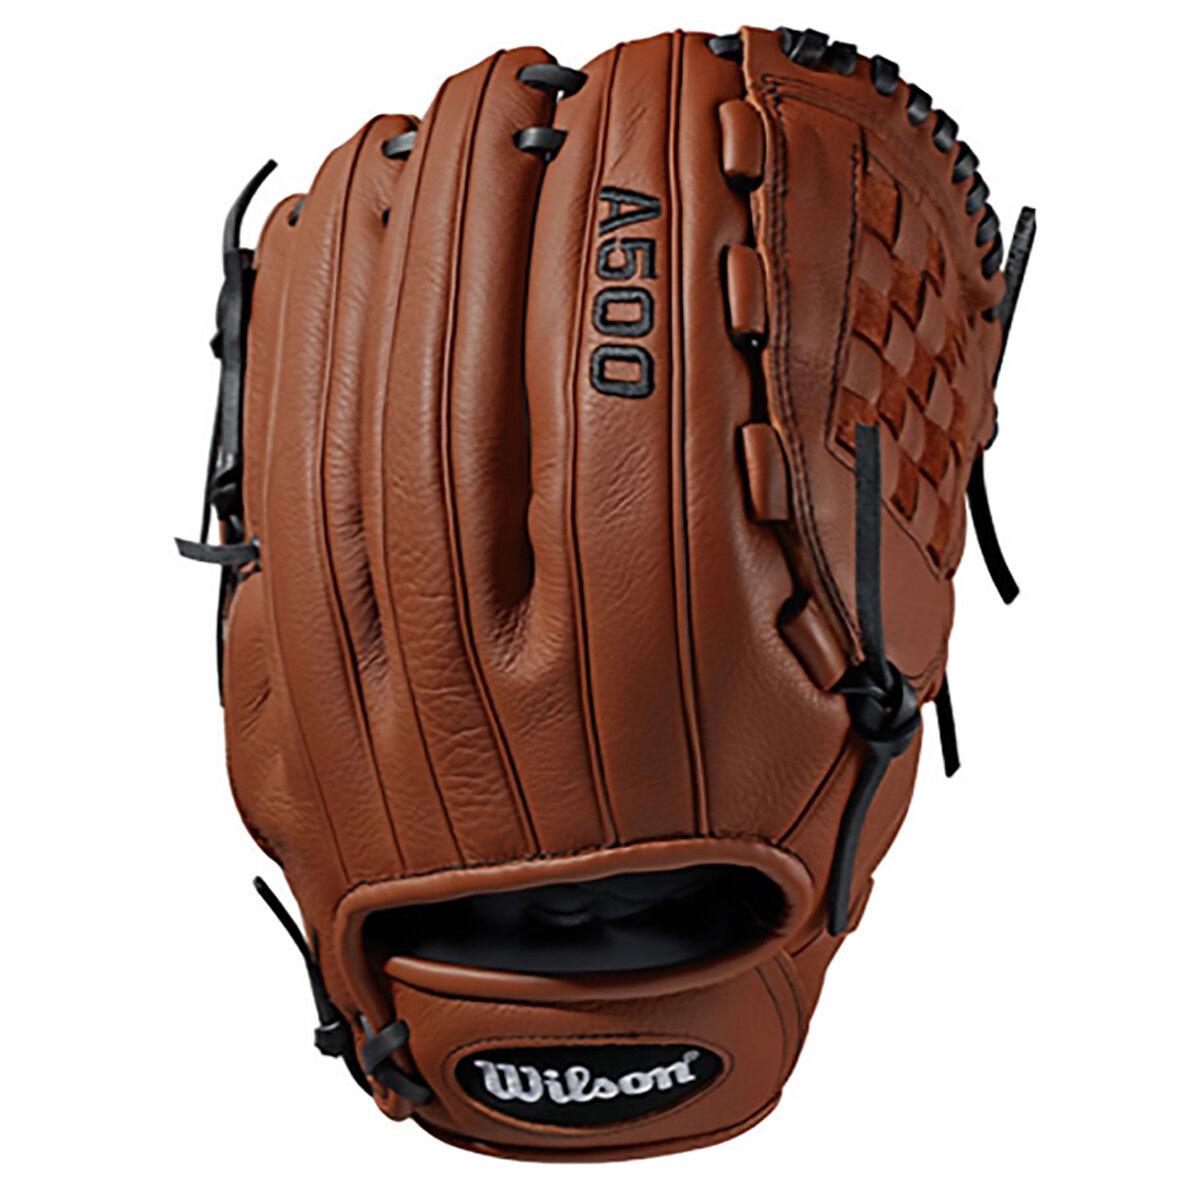 Wilson A500 1912 12   todos los puestos de la juventud guante de béisbol (nuevo)  precios mas bajos